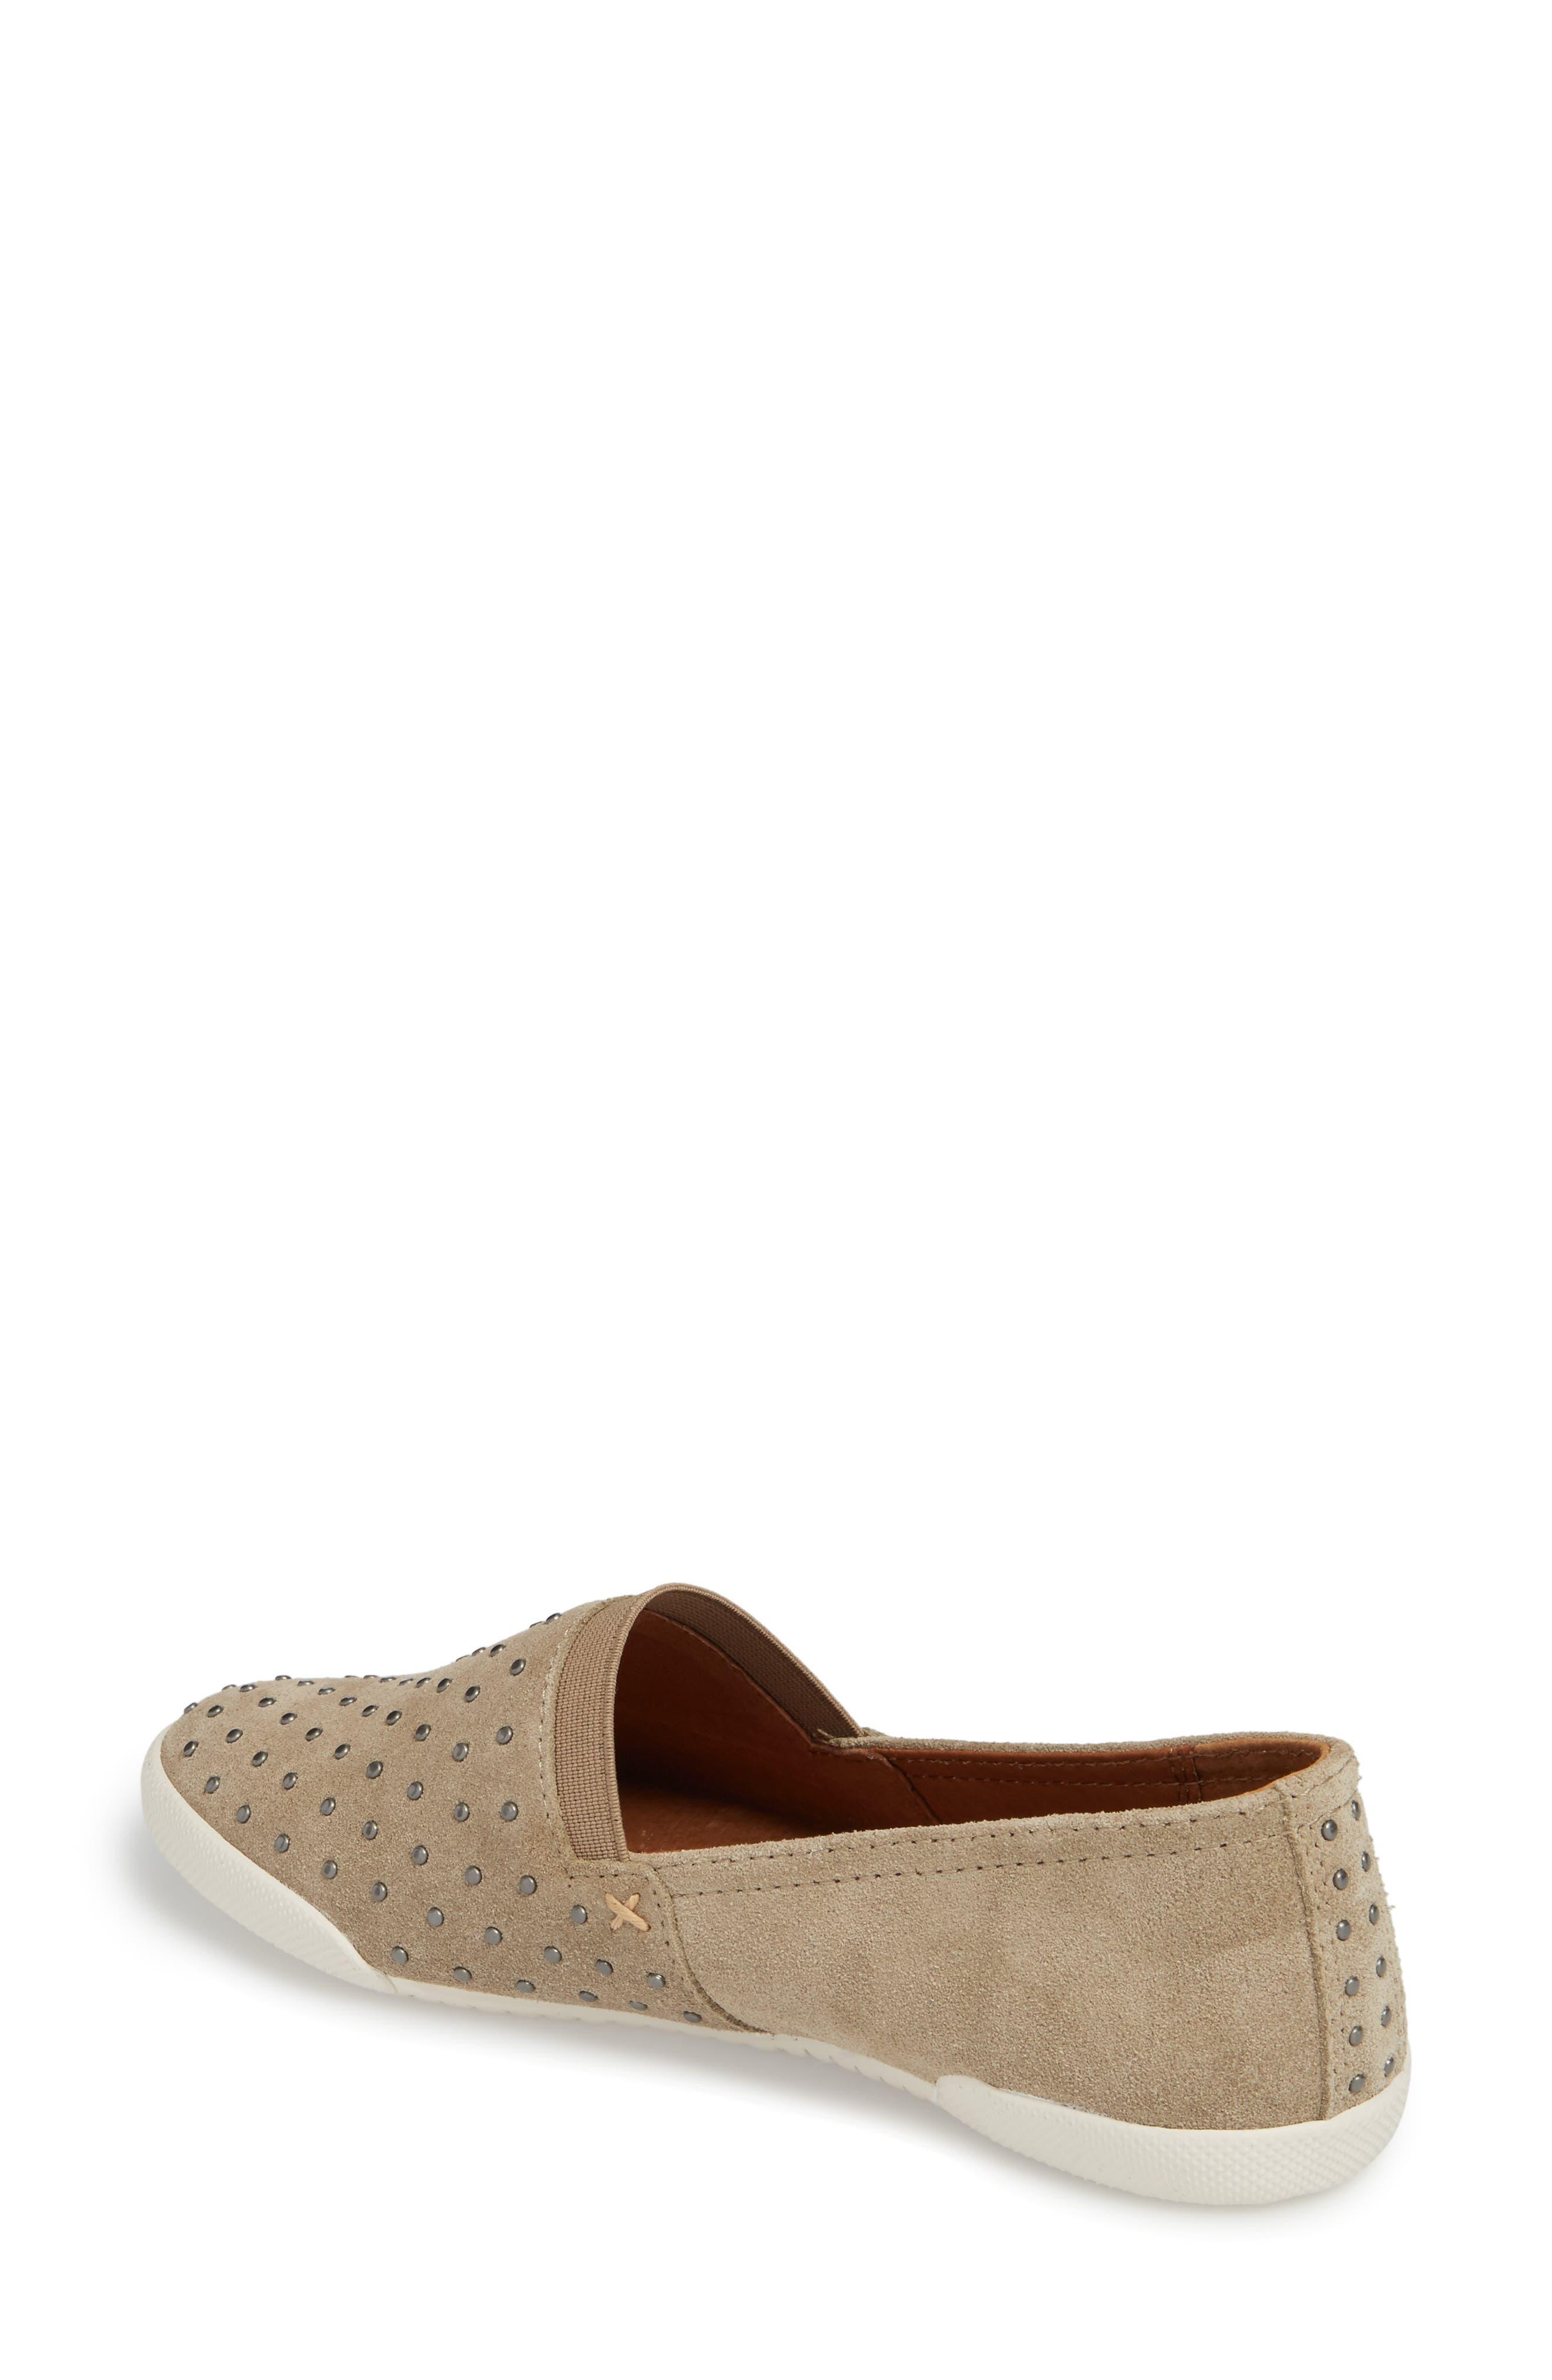 Melanie Stud Slip-On Sneaker,                             Alternate thumbnail 2, color,                             ASH